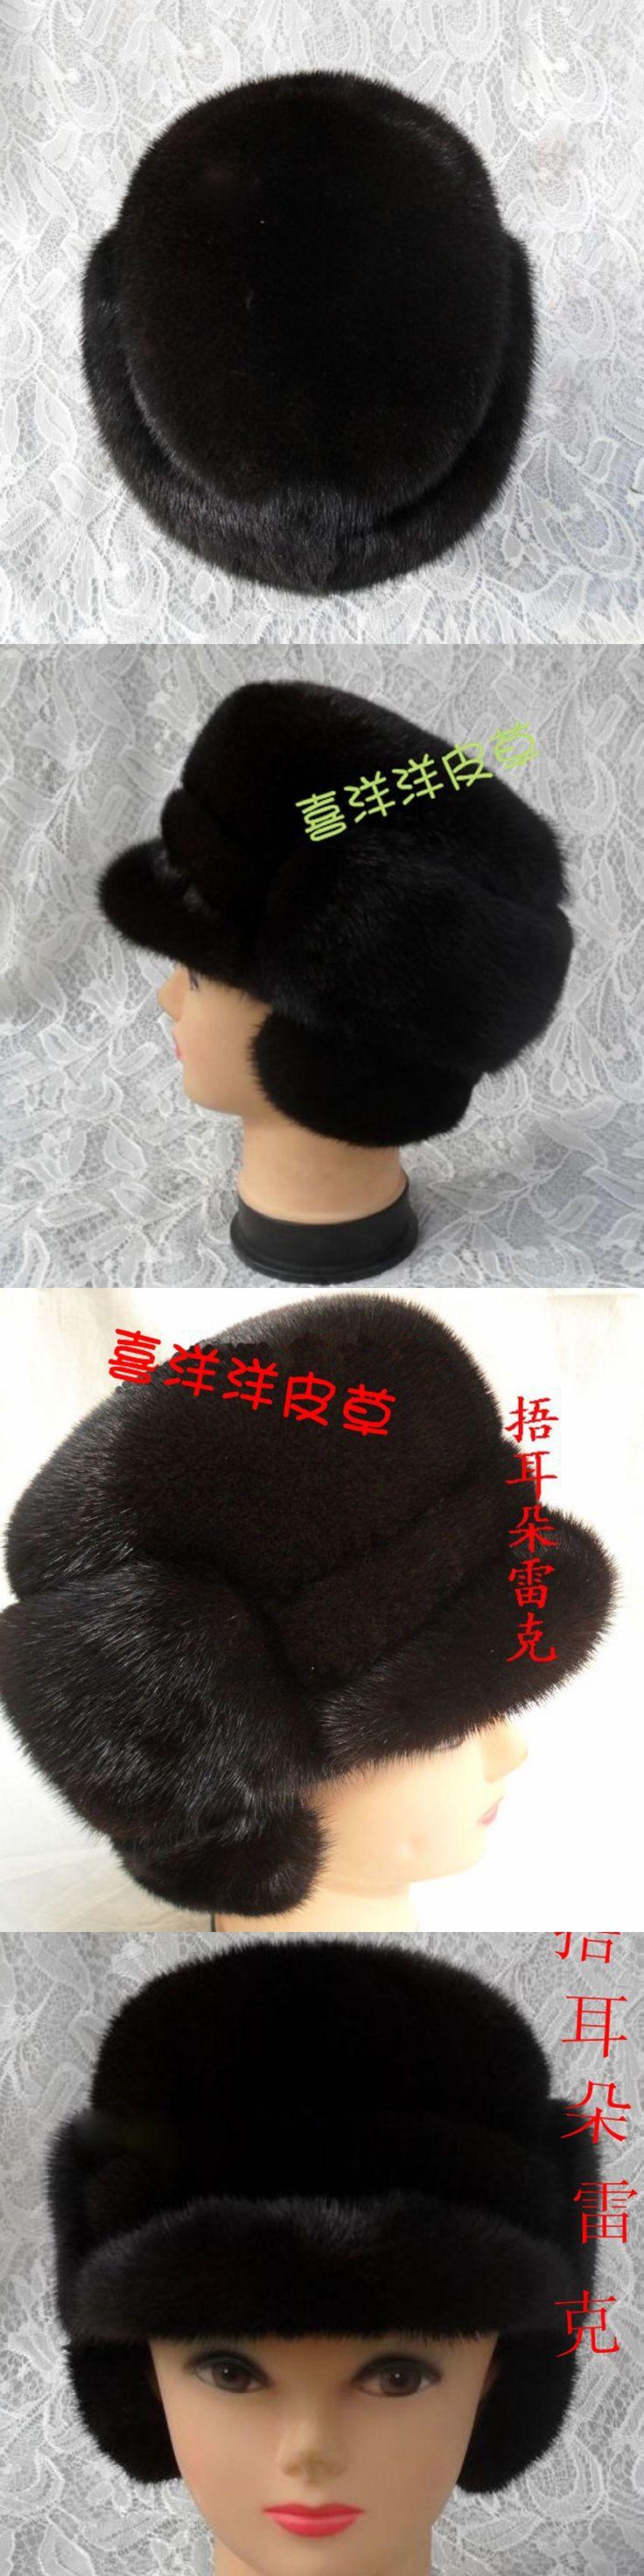 Men's mink hat male models plus Lexus ear cap fur mink fur hat really